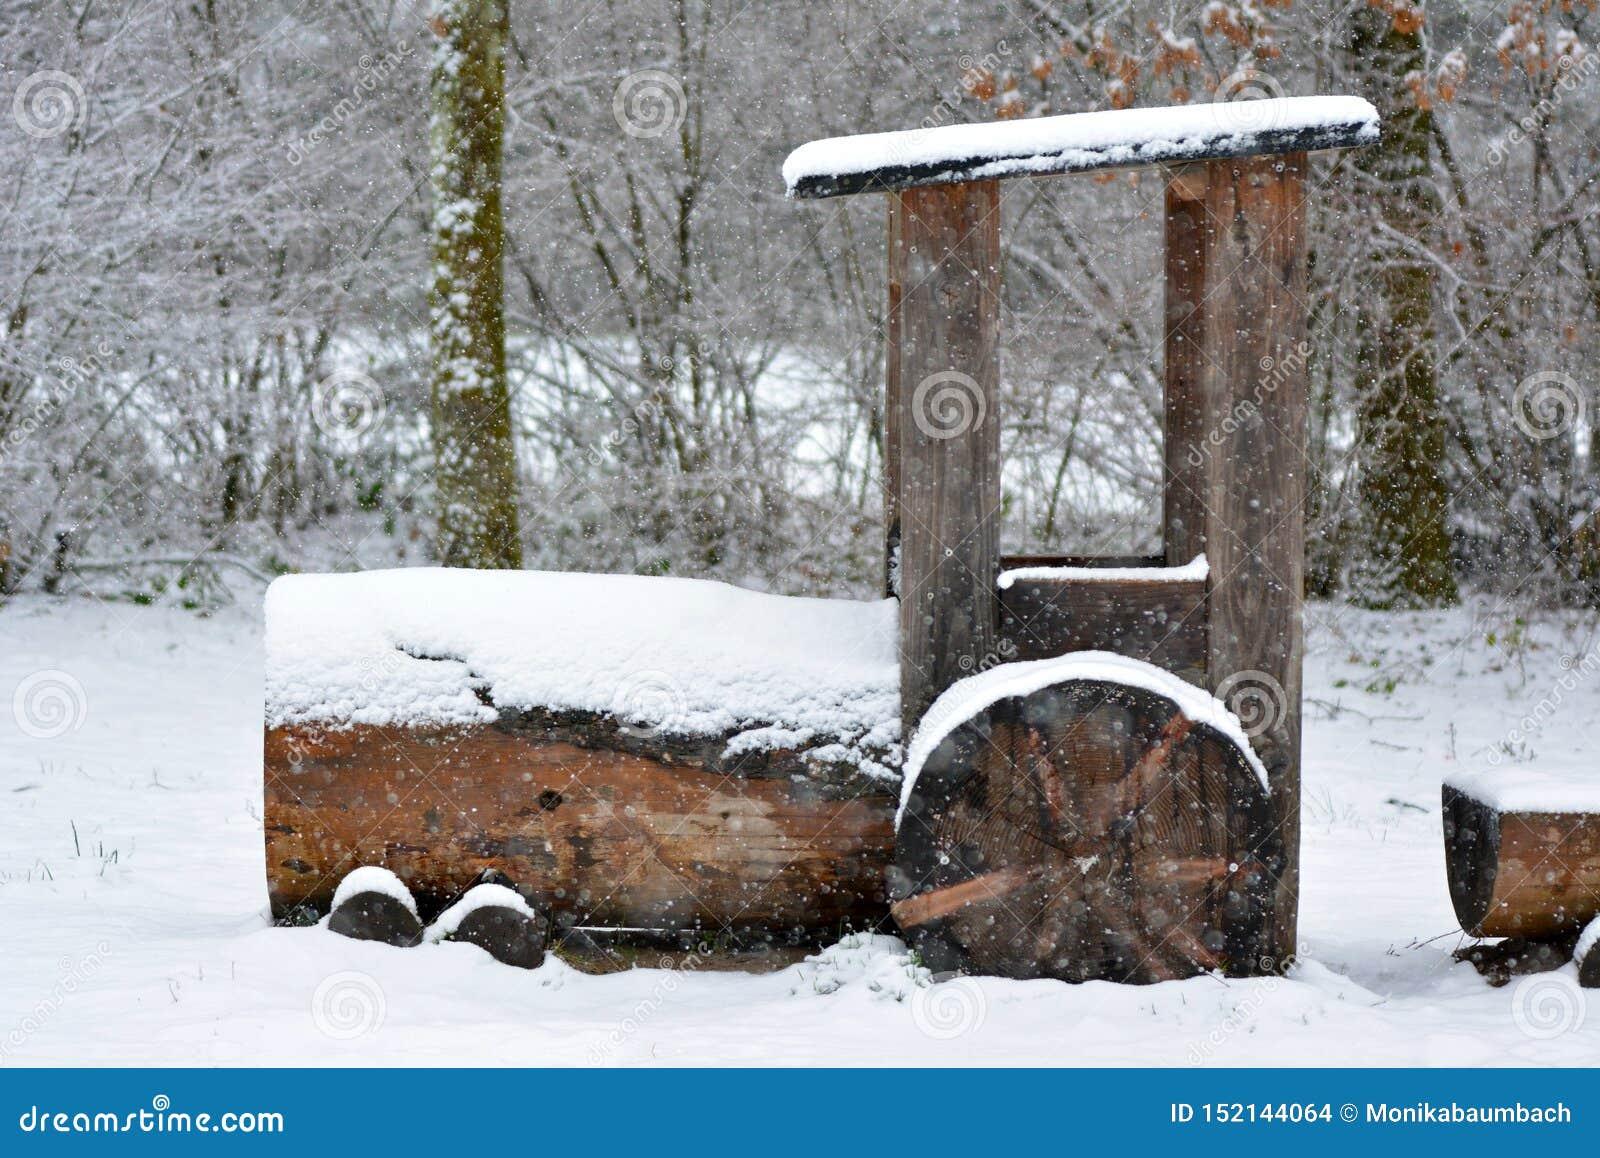 Hölzerne sich fortbewegende Bahnmaschine der großen Größe als Teil eines Spielplatzes bedeckt im Schnee während des Wintersturms